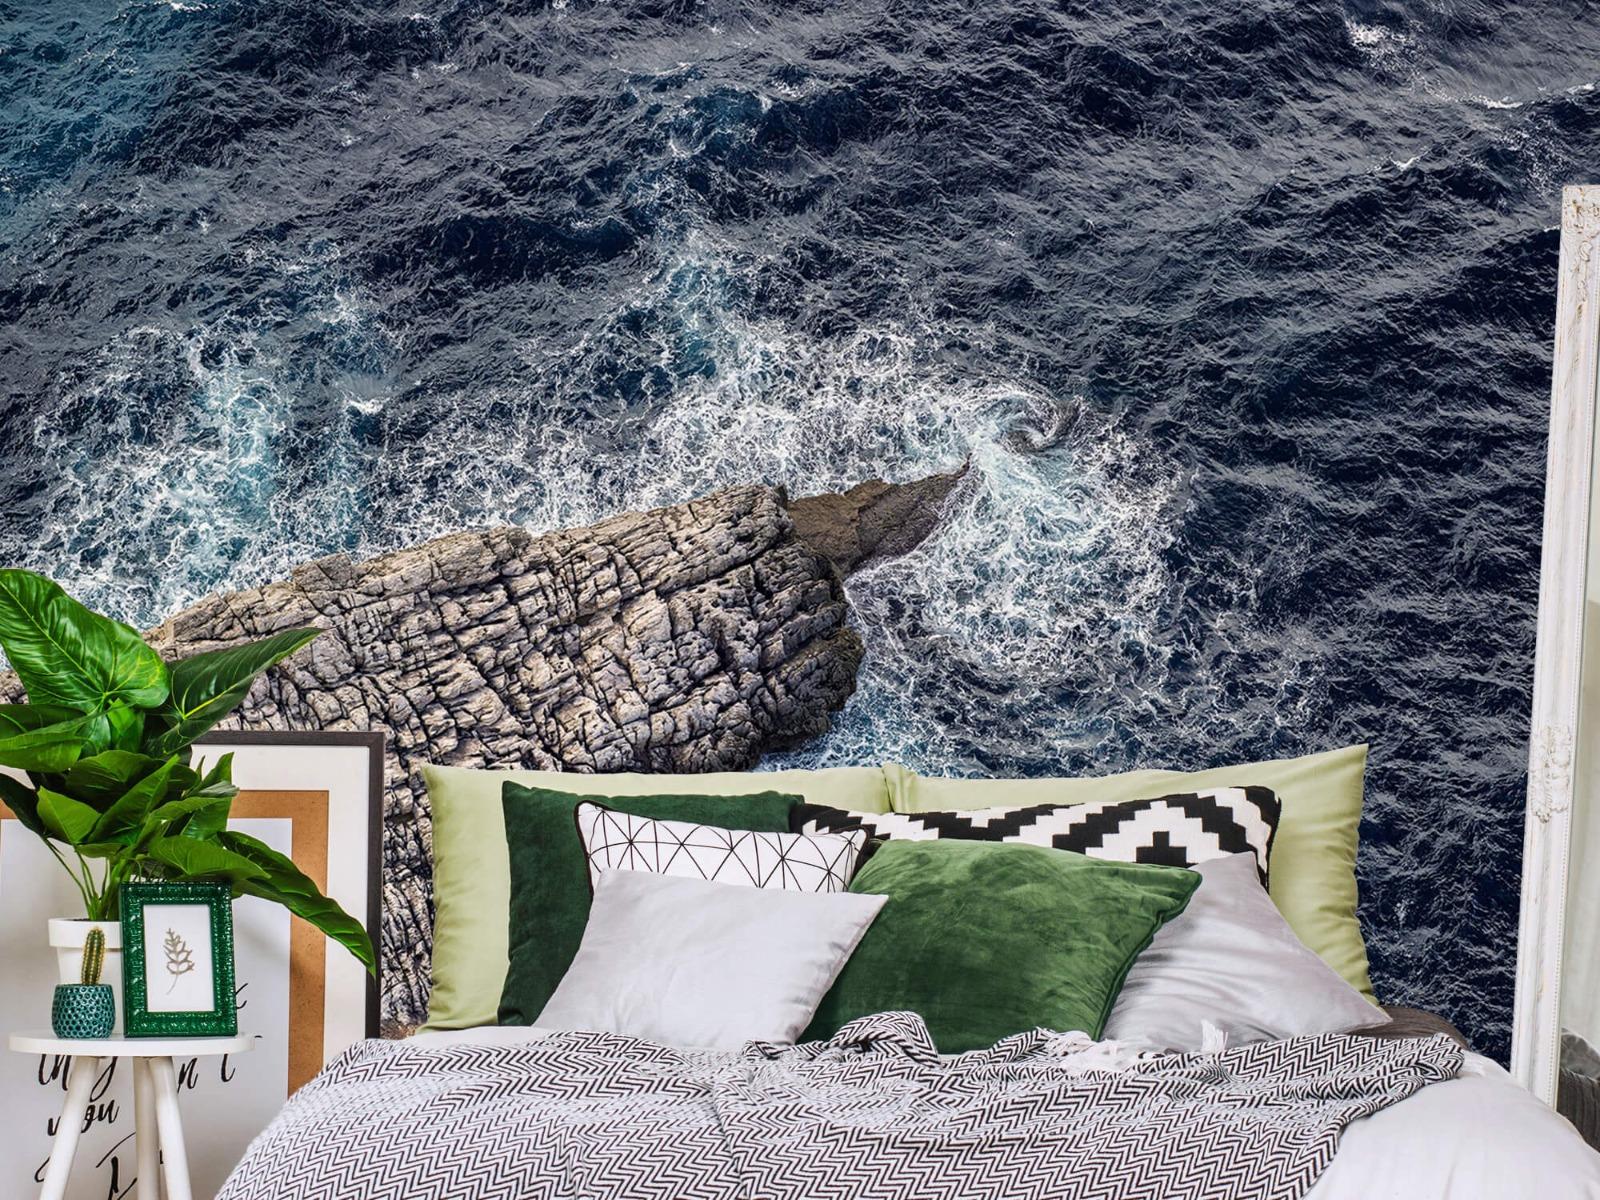 Zeeën en Oceanen - Rotspunt aan de kust - Slaapkamer 12